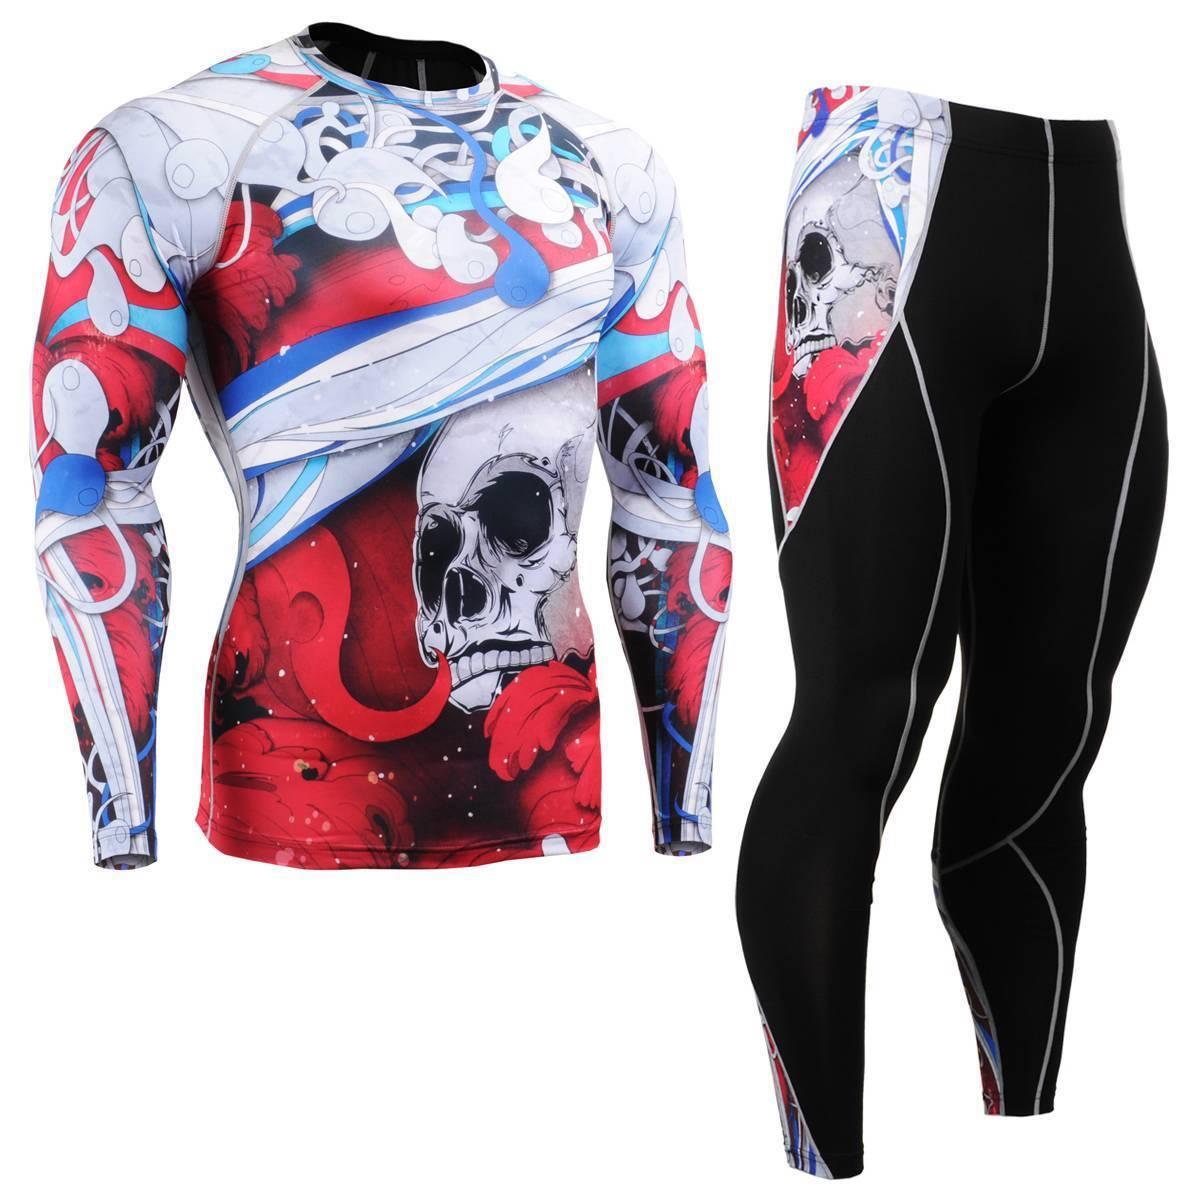 FIXGEAR & CFL/P2L-B19R SET Compression Shirts & FIXGEAR Pants Skin Tights MMA Training Gym 8c5aaf